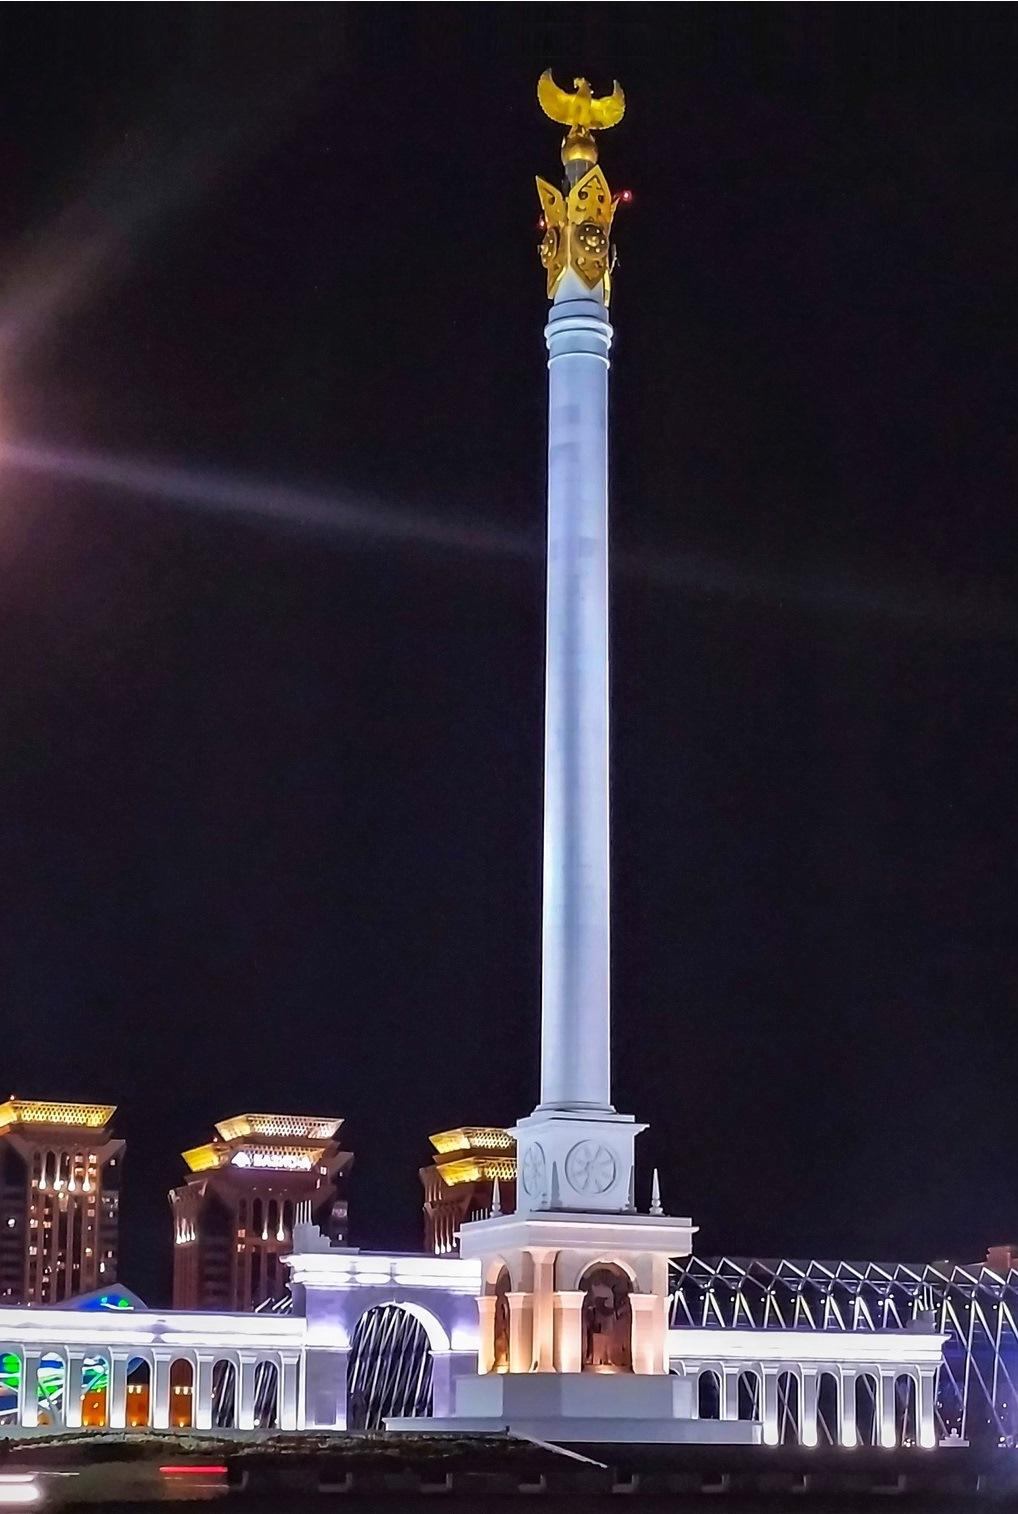 Монумент «Қазақ елі» - это мраморная стела с мифической птицей Самрук на вершине, что символизирует свободу, процветание и силу. Высота в 91 метр напоминает год, когда Казахстан обрел независимость.